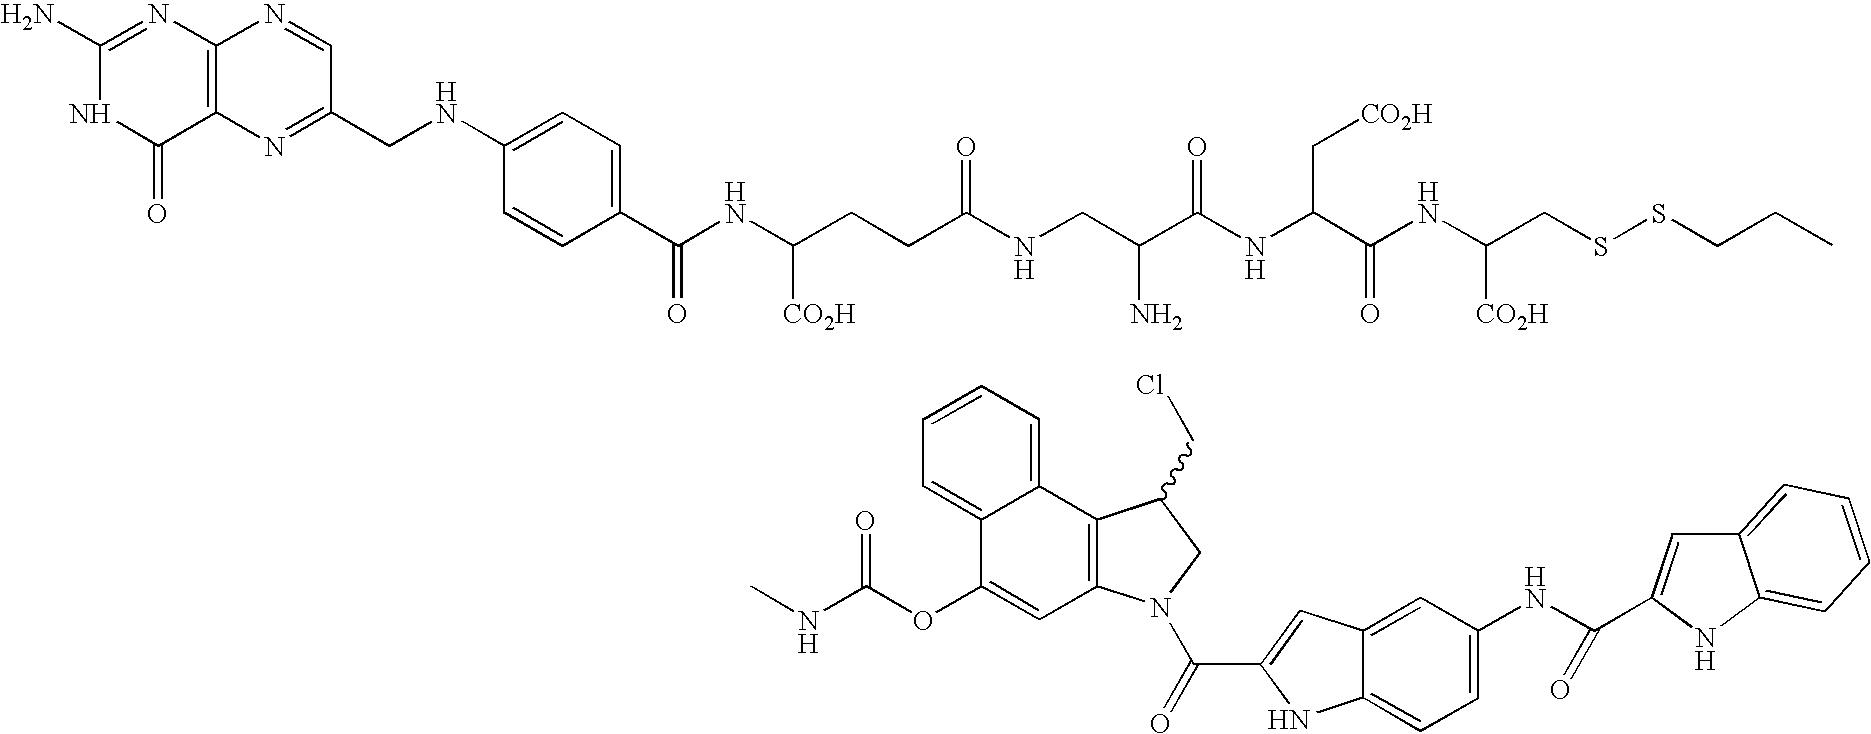 Figure US08105568-20120131-C00166